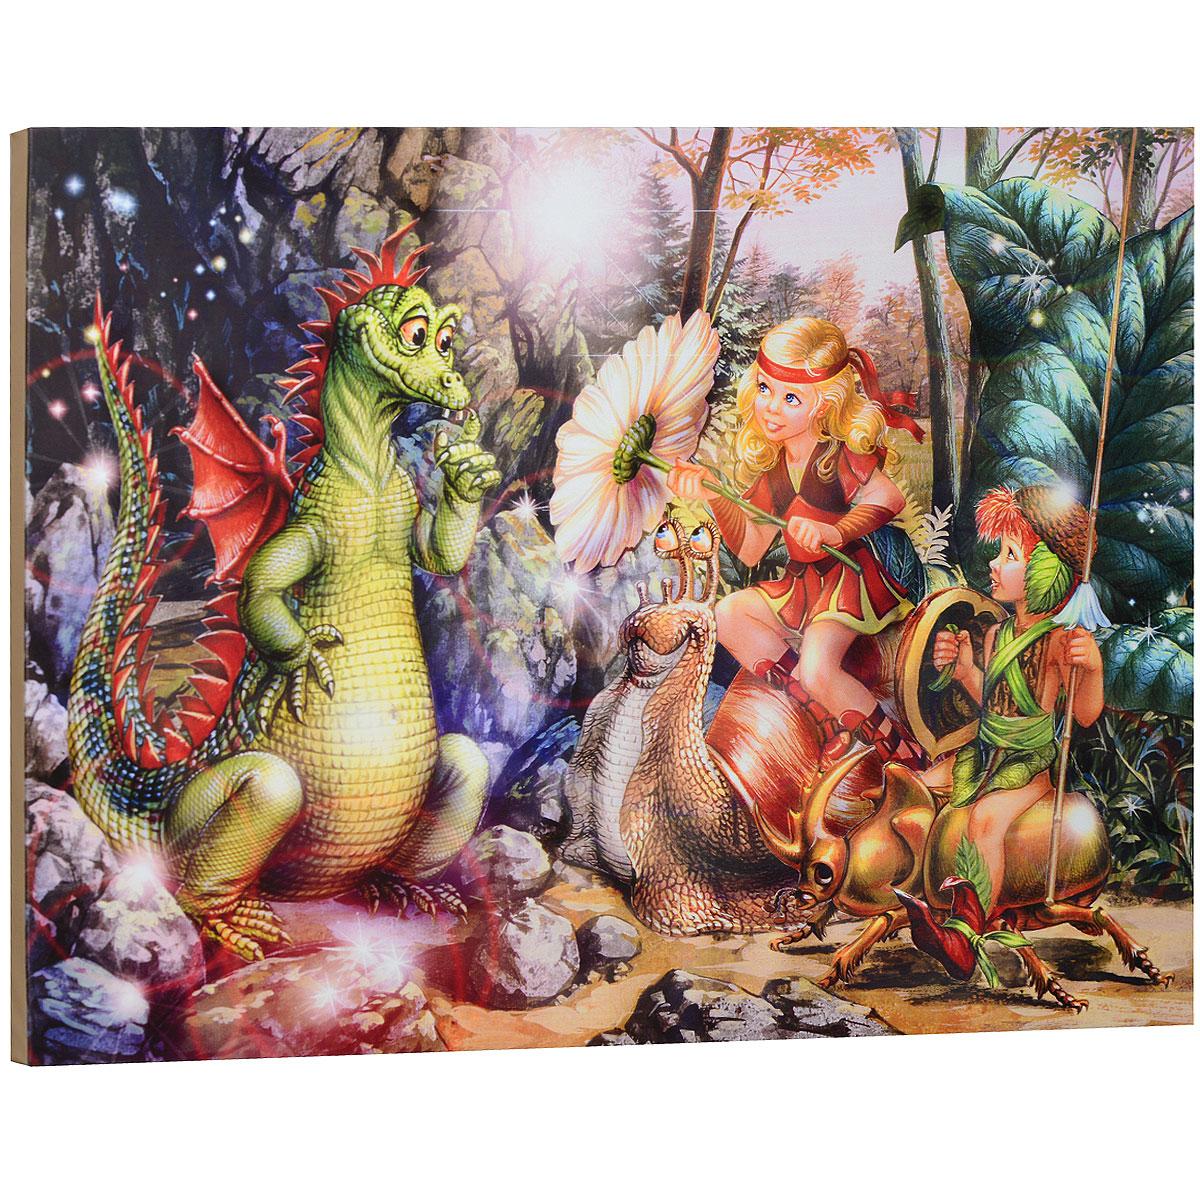 """Картина на холсте КвикДекор """"Маленький дракон"""" автора Зорина Балдеску дополнит обстановку интерьера яркими красками и необычным оформлением. Изделие представляет собой картину с латексной печатью на натуральном хлопчатобумажном холсте. Галерейная натяжка холста на подрамники выполнена очень аккуратно, а боковые части картины запечатаны тоновой заливкой. Обратная сторона подрамника содержит отверстие, благодаря которому картину можно легко закрепить на стене и подкорректировать ее положение. Автор картины специализируется на создании восхитительных сказочных образов - русалок, принцесс, фей, единорогов и многих других. Сказки, иллюстрированные Зориной, - особый, волшебный и очаровательный мир, подаренный нам художницей посредством ее искусства и неисчерпаемой фантазии. Картина """"Маленький дракон"""" отлично подойдет к интерьеру не только детской комнаты, но и гостиной. Картина поставляется в стрейч-пленке с защитными картонными уголками, упакована в гофрокоробку..."""